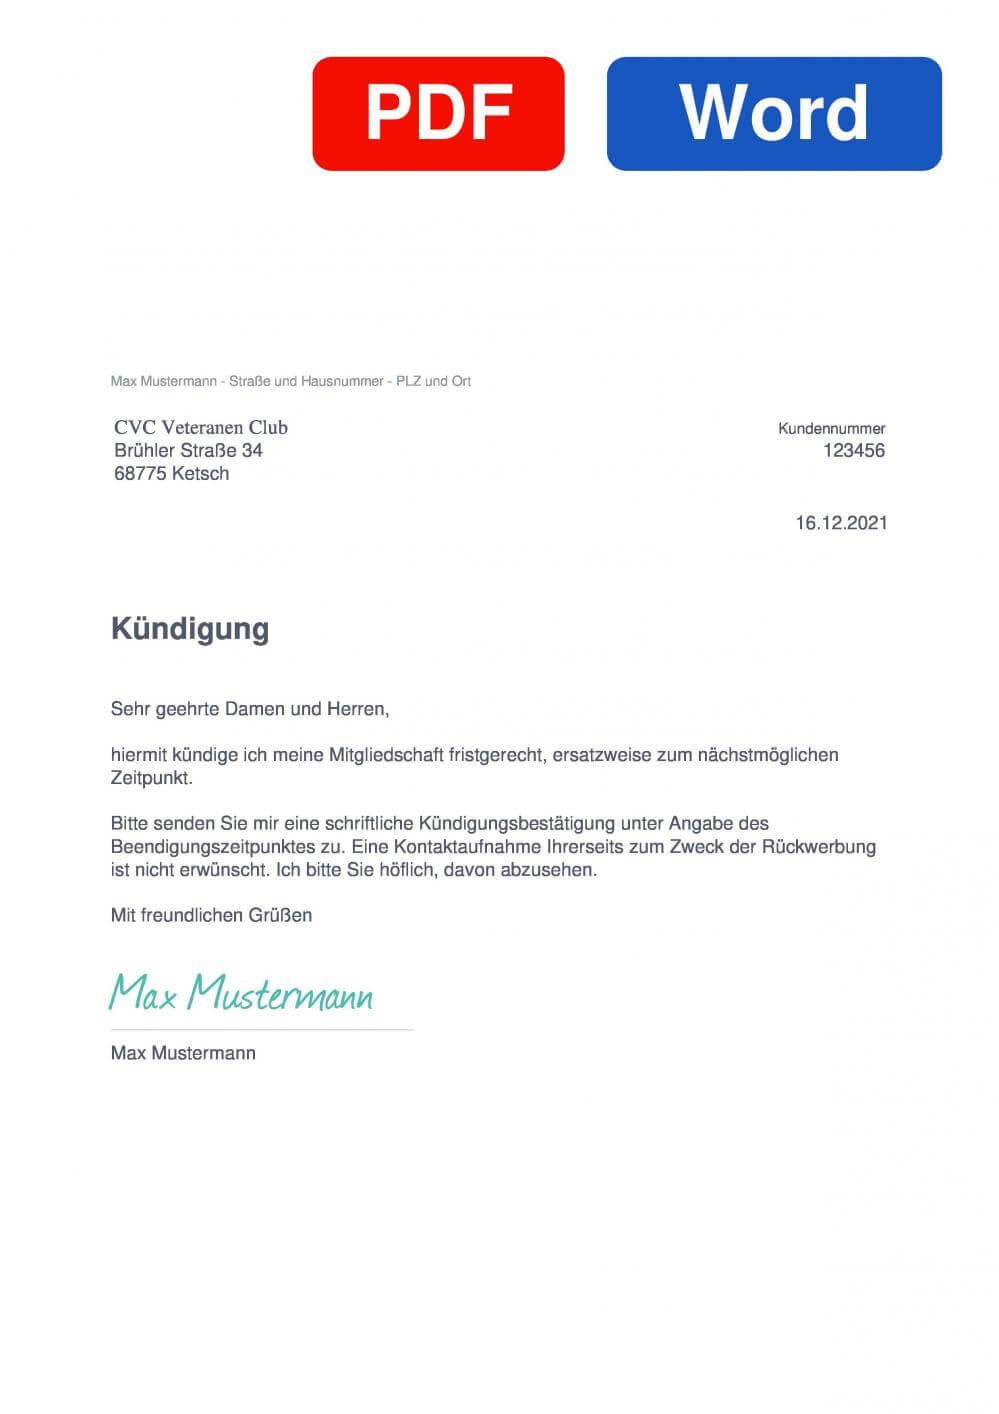 CVC Citroën Veteranen Club Muster Vorlage für Kündigungsschreiben